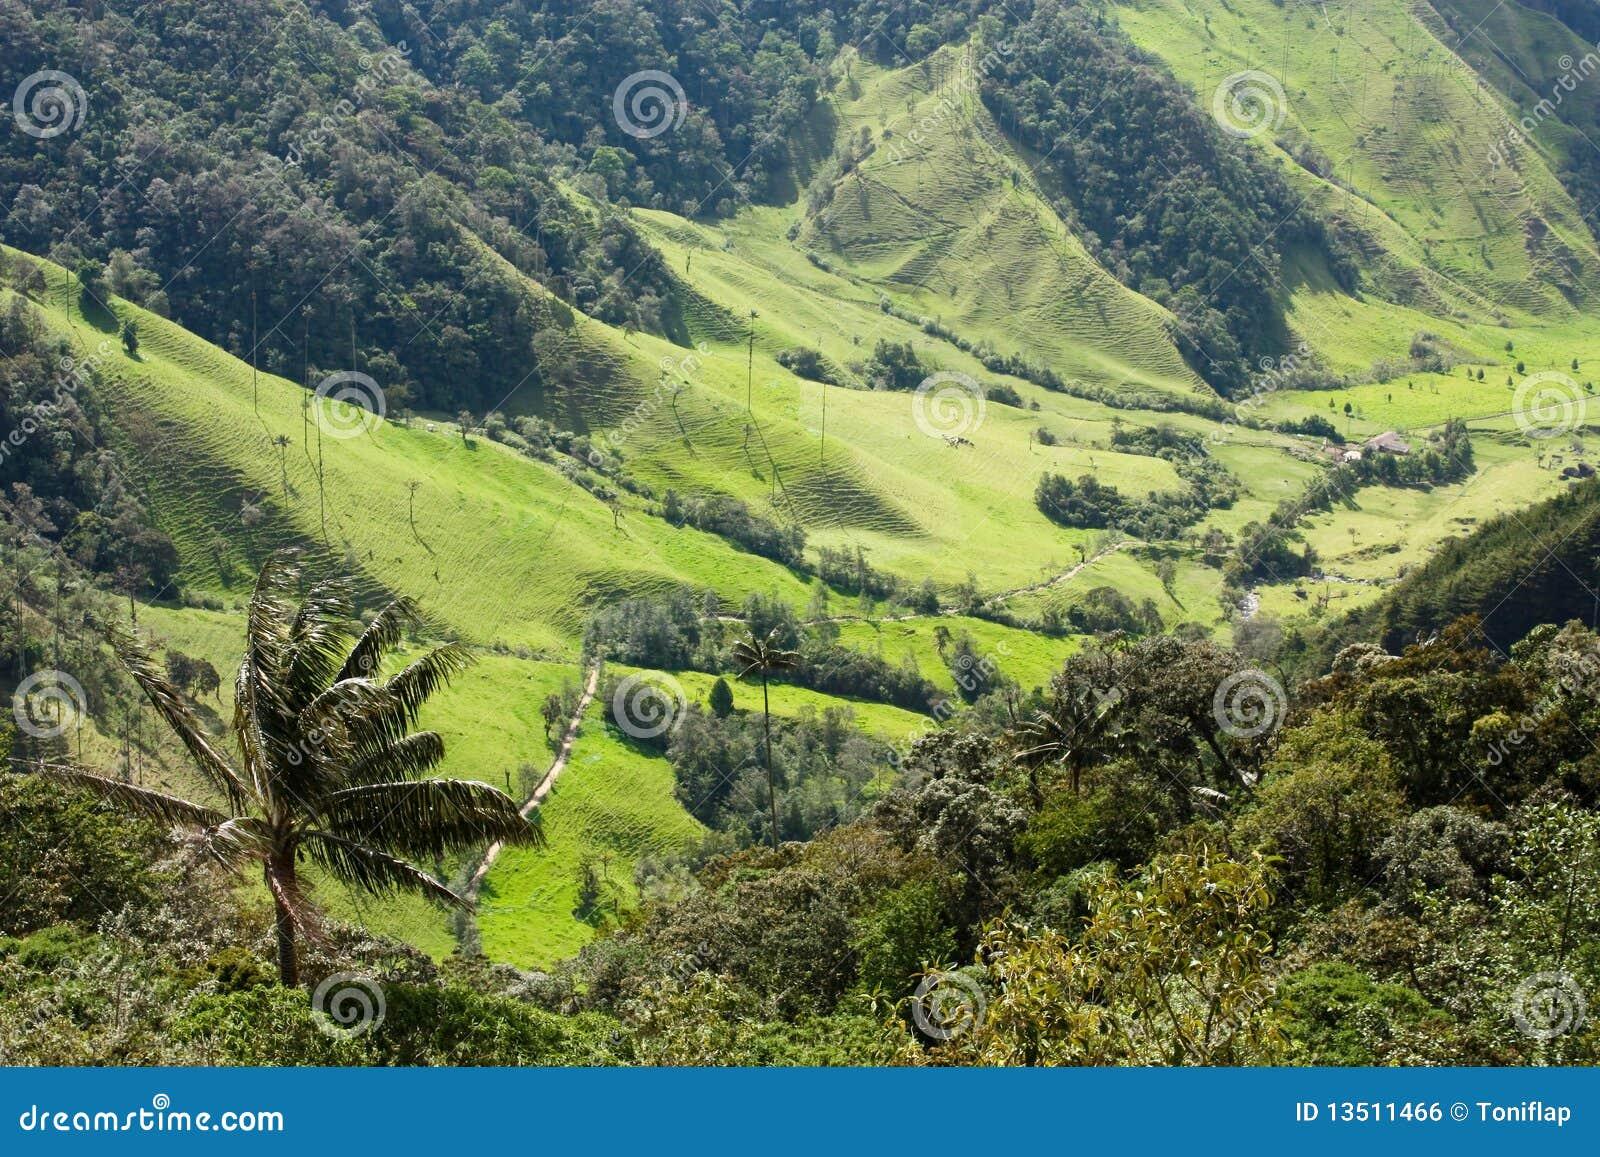 Valle de Cocora, parque natural de Colombia